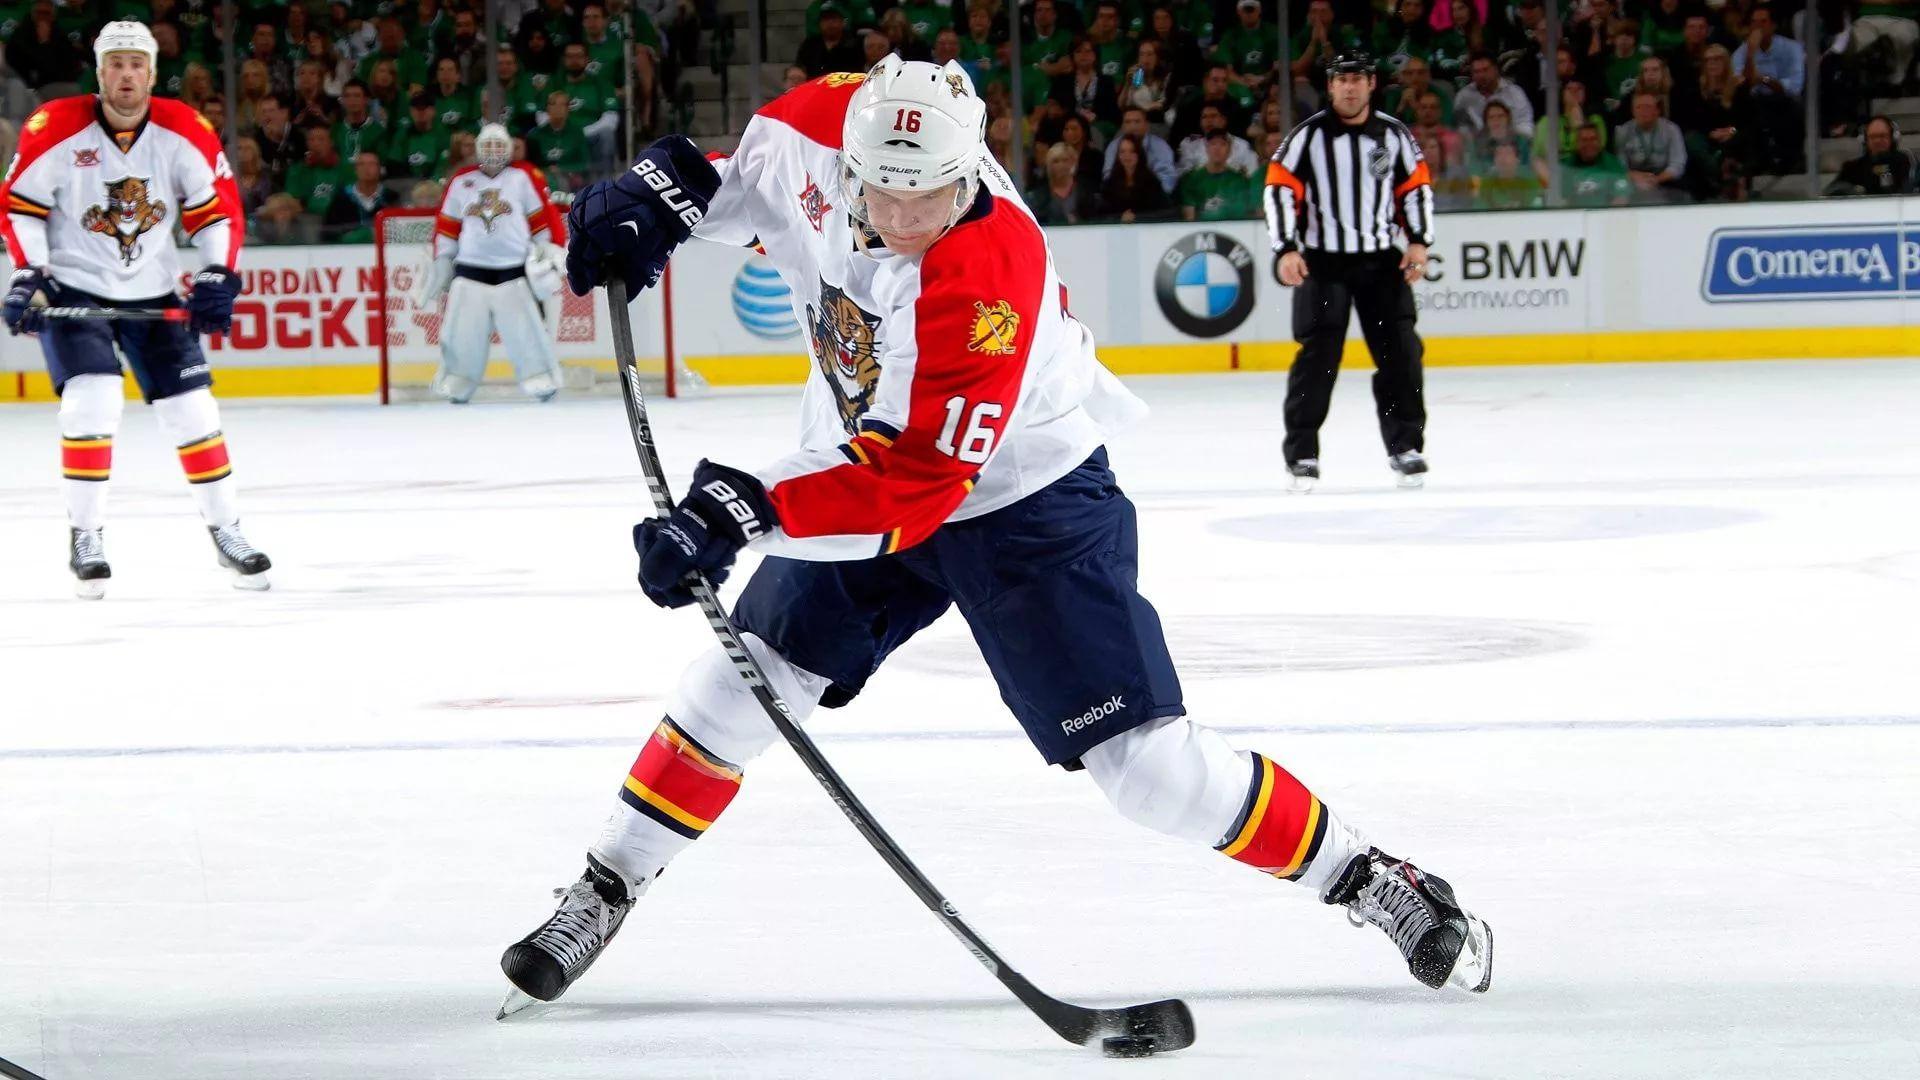 Ice Hockey wallpaper photo